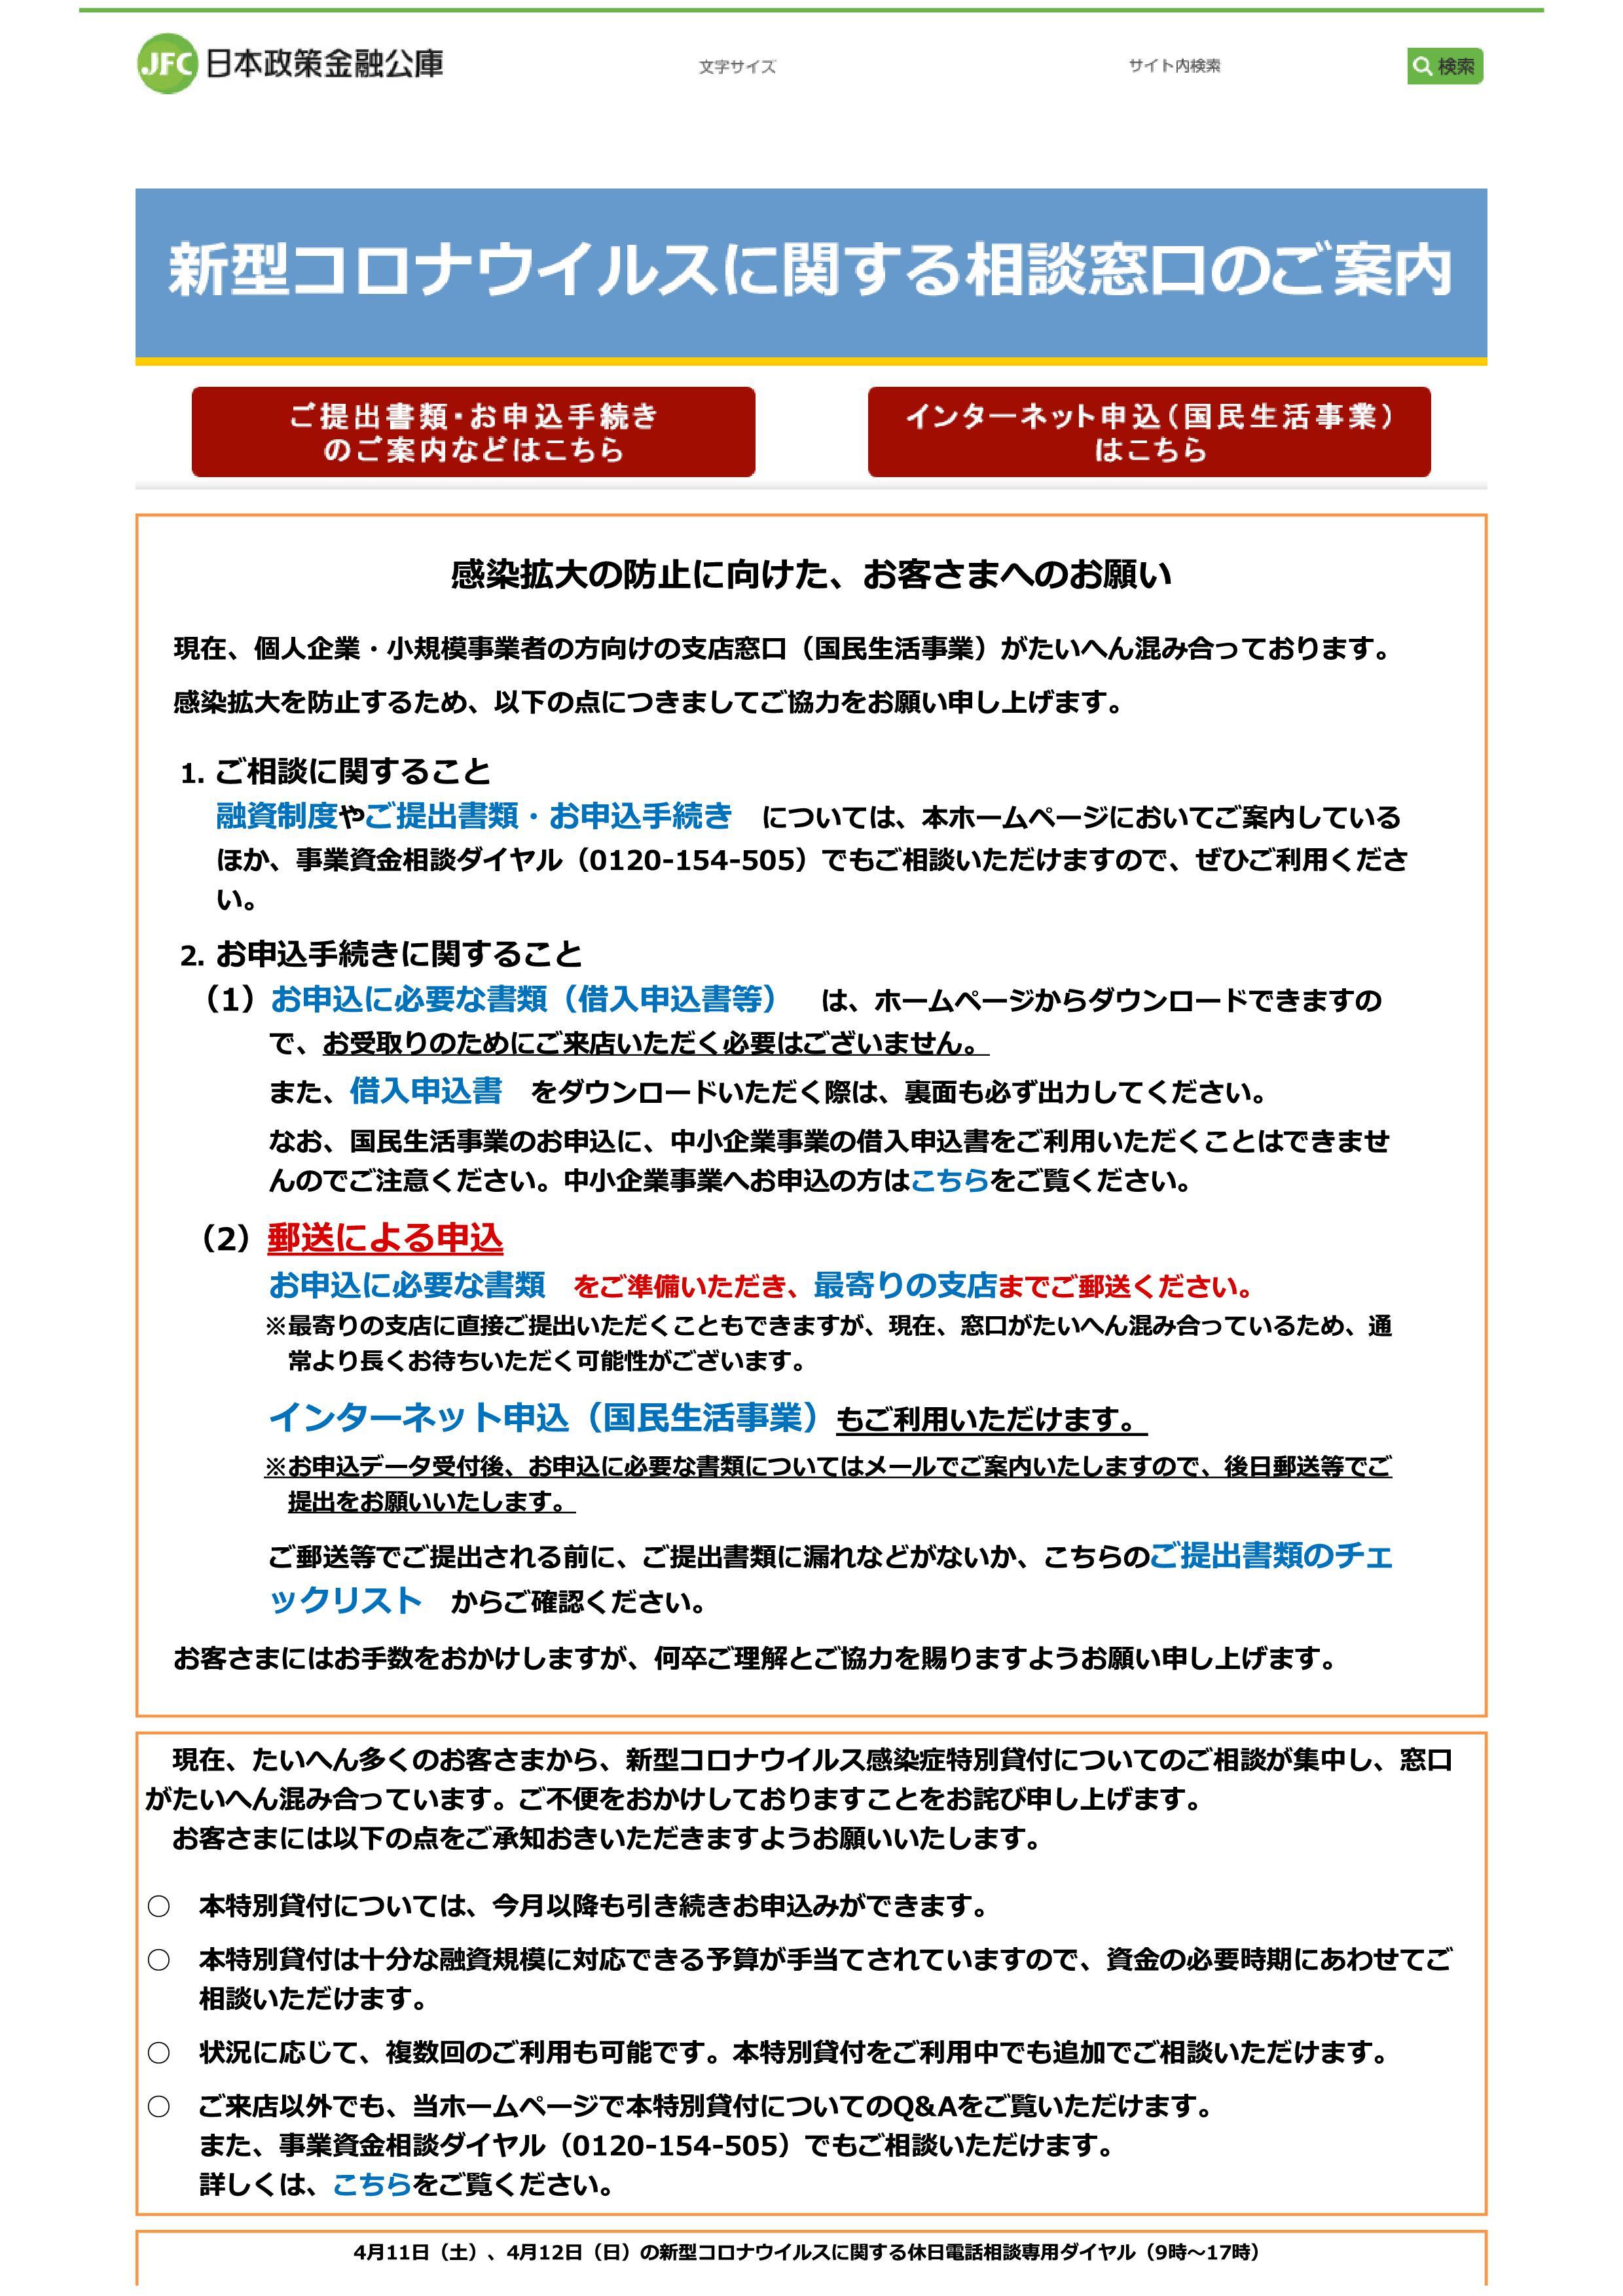 政策 コロナ 公庫 日本 金融